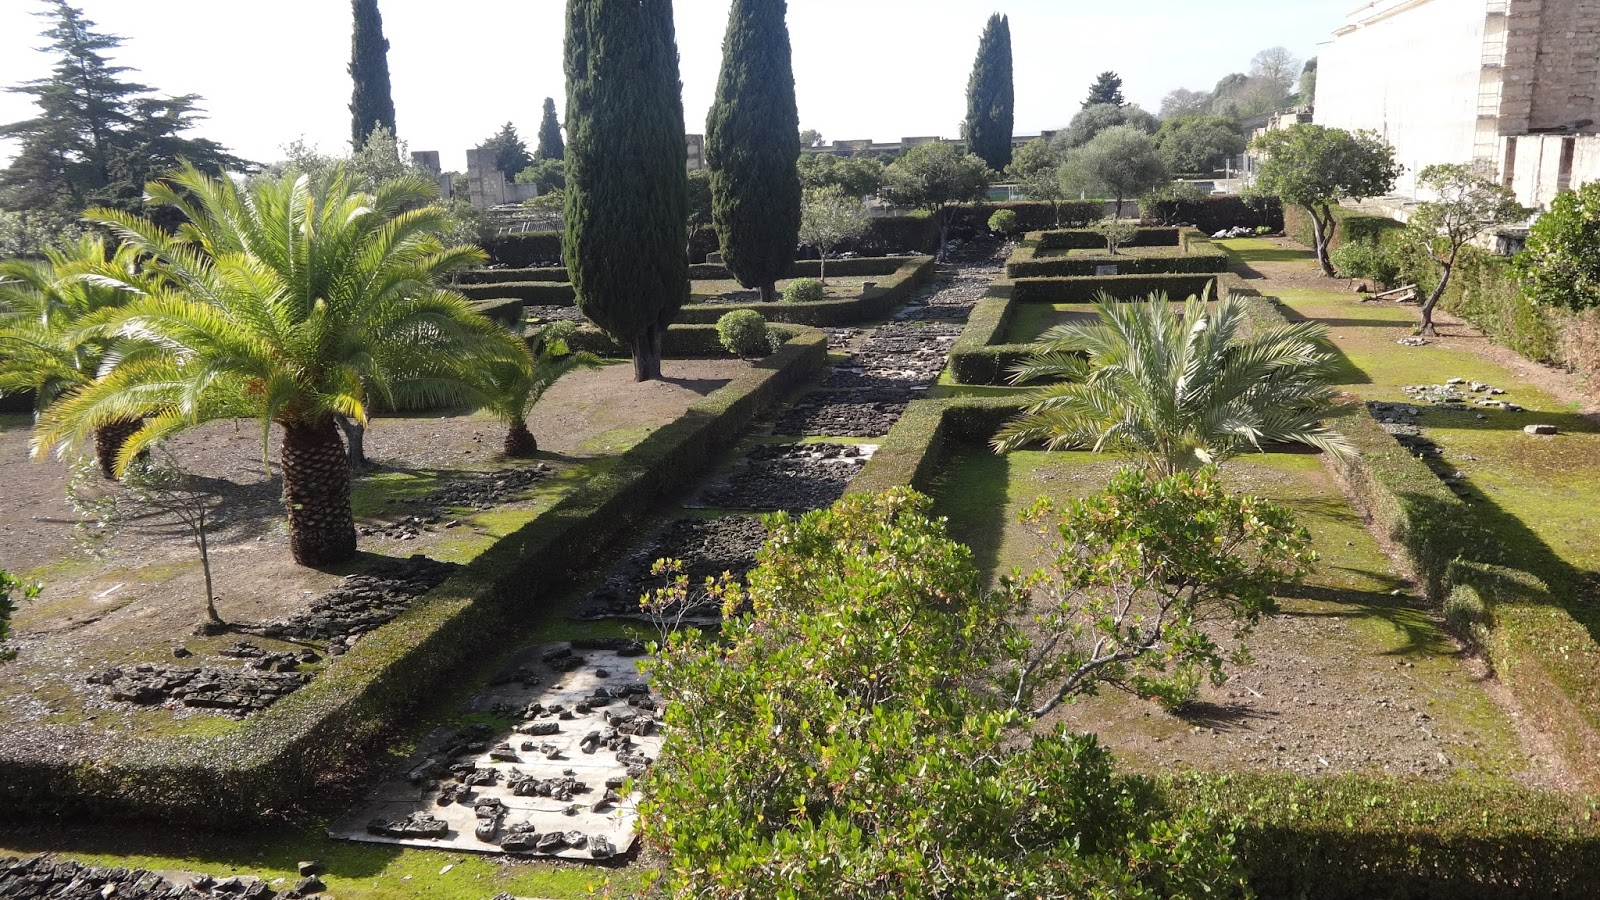 Volviendo a medina azahara conmimochilacuestas for Arboles altos para jardin